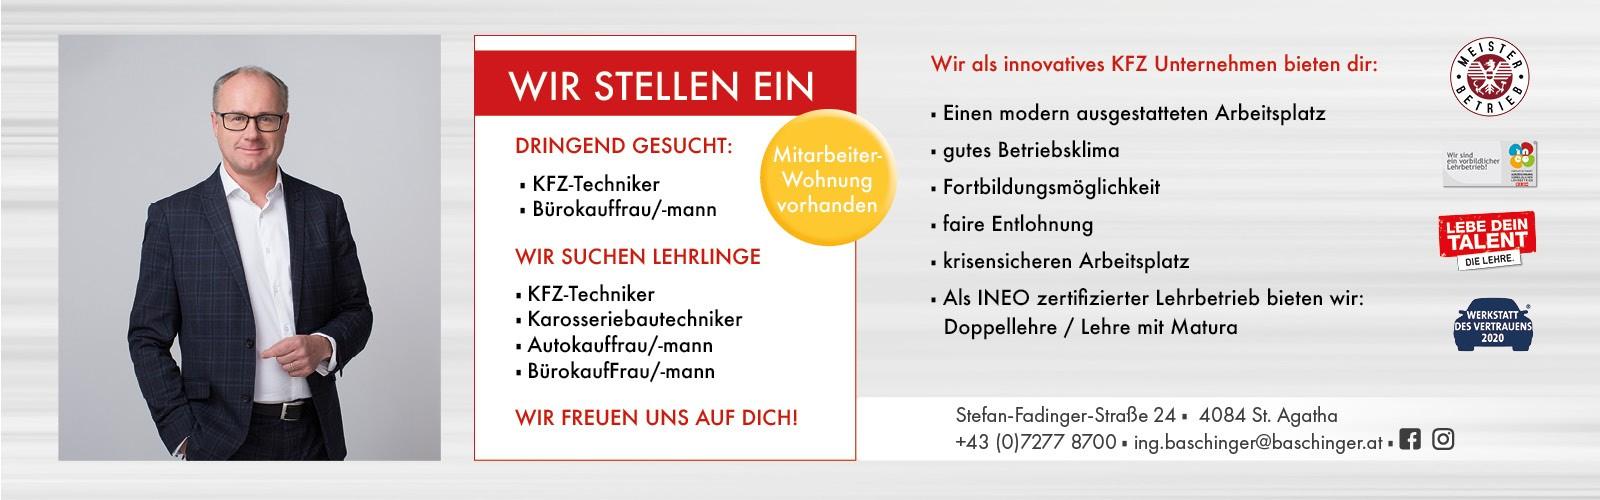 Wir stellen ein bei Ing. Günther Baschinger GmbH in